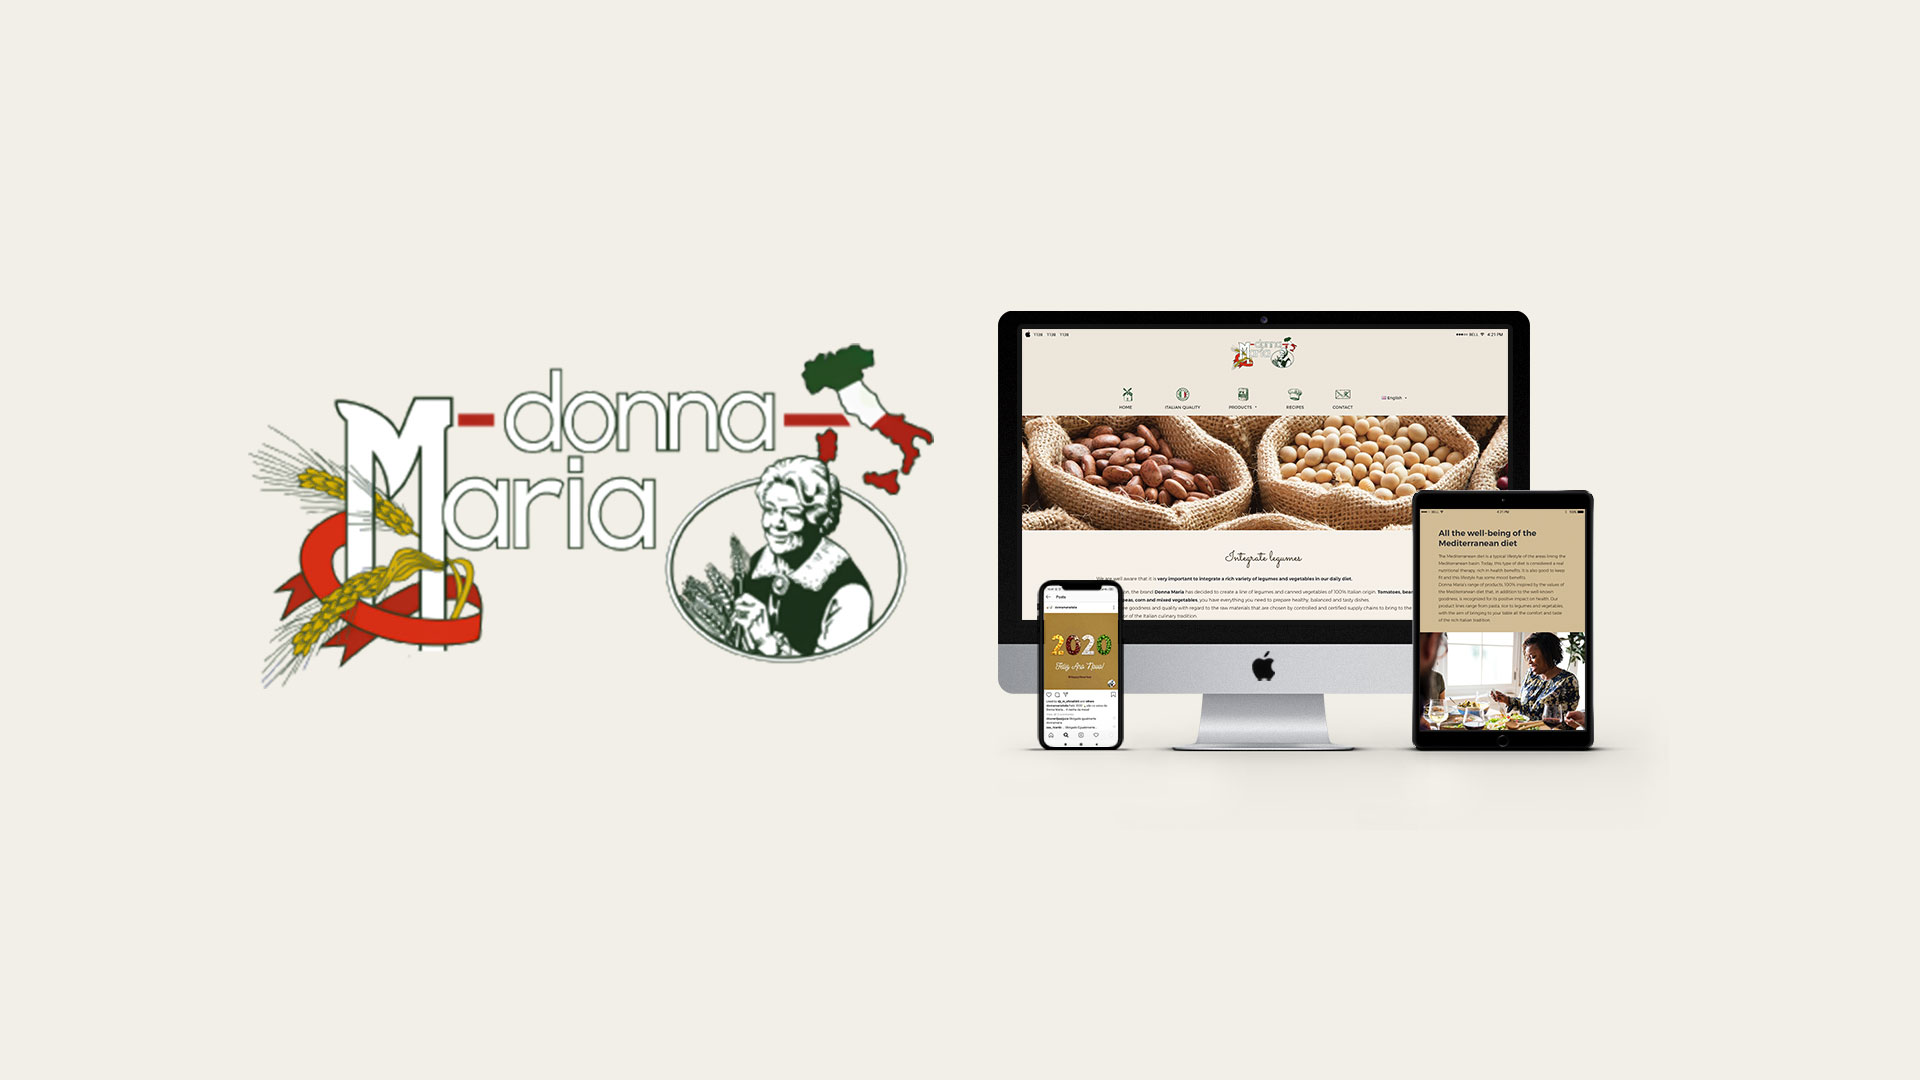 Donna Maria / Pastificio Liguori Belgio   Web adv social media marketing libellula grafica lab